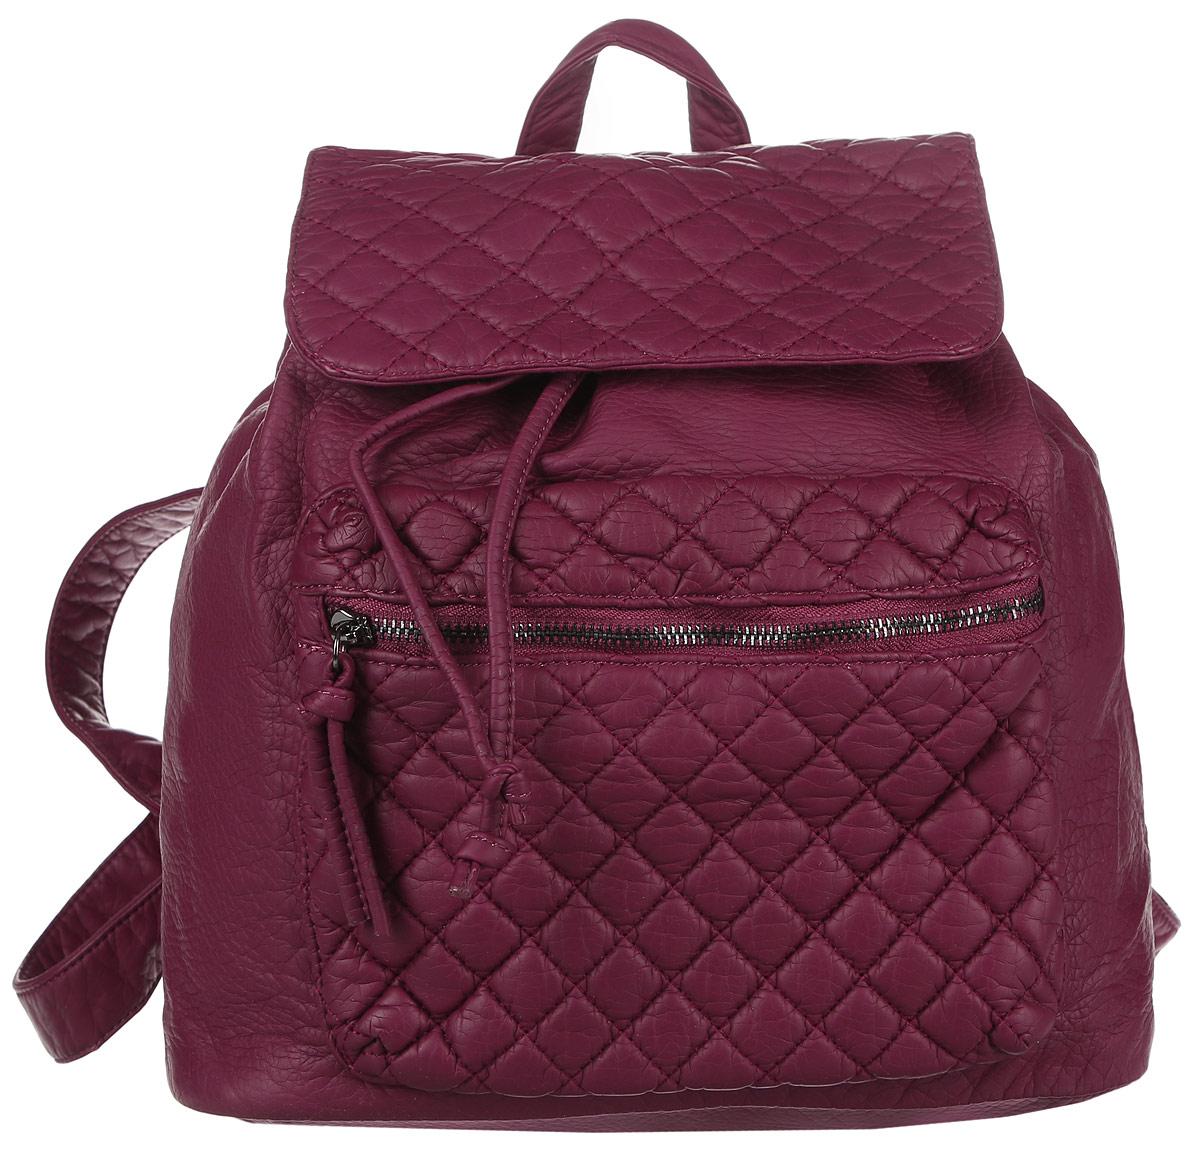 Рюкзак женский OrsOro, цвет: бордовый. D-255/1171069с-2Стильный рюкзак OrsOro, выполнен из экокожи и оснащен двумя плечевыми регулируемыми ремнями на спинке и удобной ручкой для переноски. Изделие затягивается с помощью шнурка и закрывается клапаном на кнопку, внутри имеет одно вместительное отделение с одним накладным карманом для телефона и мелочей и одним прорезным карманом на застежке-молнии. С тыльной стороны изделия имеется прорезной карман на застежке-молнии. Рюкзак оснащен также передним накладным карманом на молнии .Сумка-рюкзак OrsOro - это выбор молодой, уверенной, стильной женщины, которая ценит качество и комфорт. Изделие станет изысканным дополнением к вашему образу.